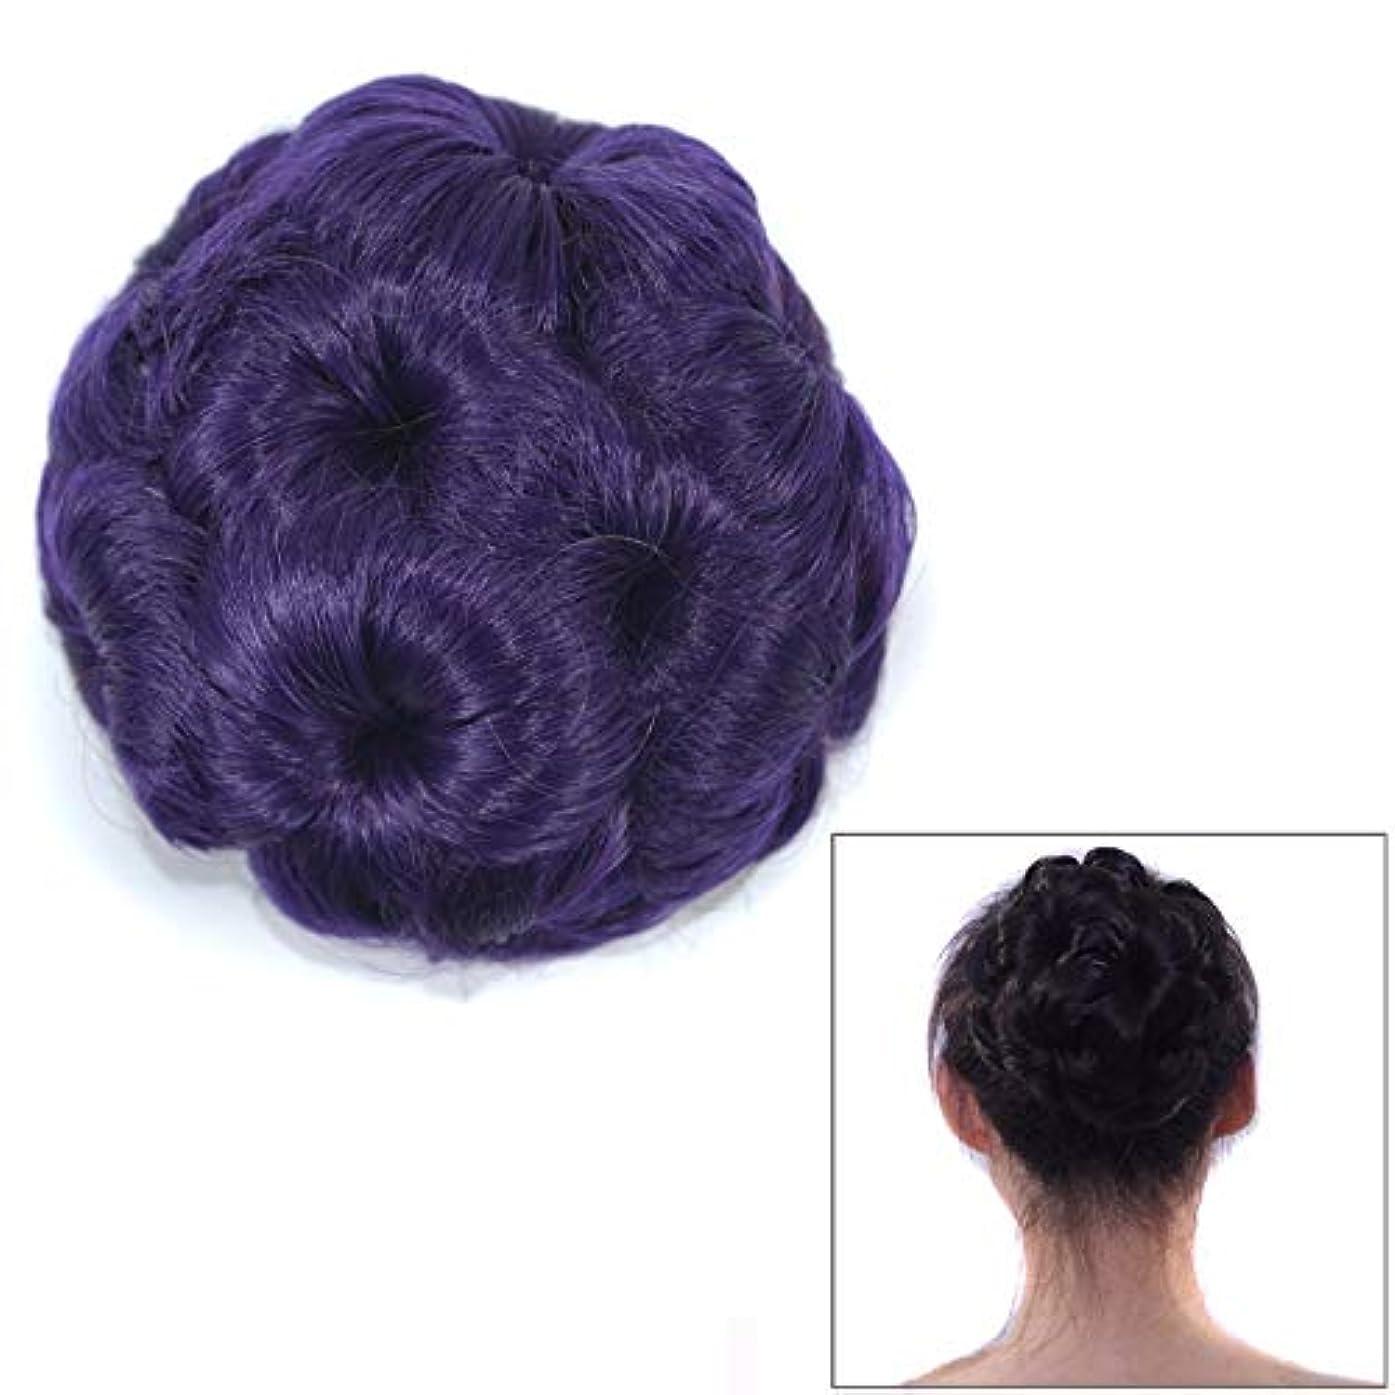 ラインナップヘルシー緊張美しさ 花嫁のためのかつらボールヘッド花のヘアピンのヘアバッグかつらヘッドバンド ヘア&シェービング (色 : 紫の)